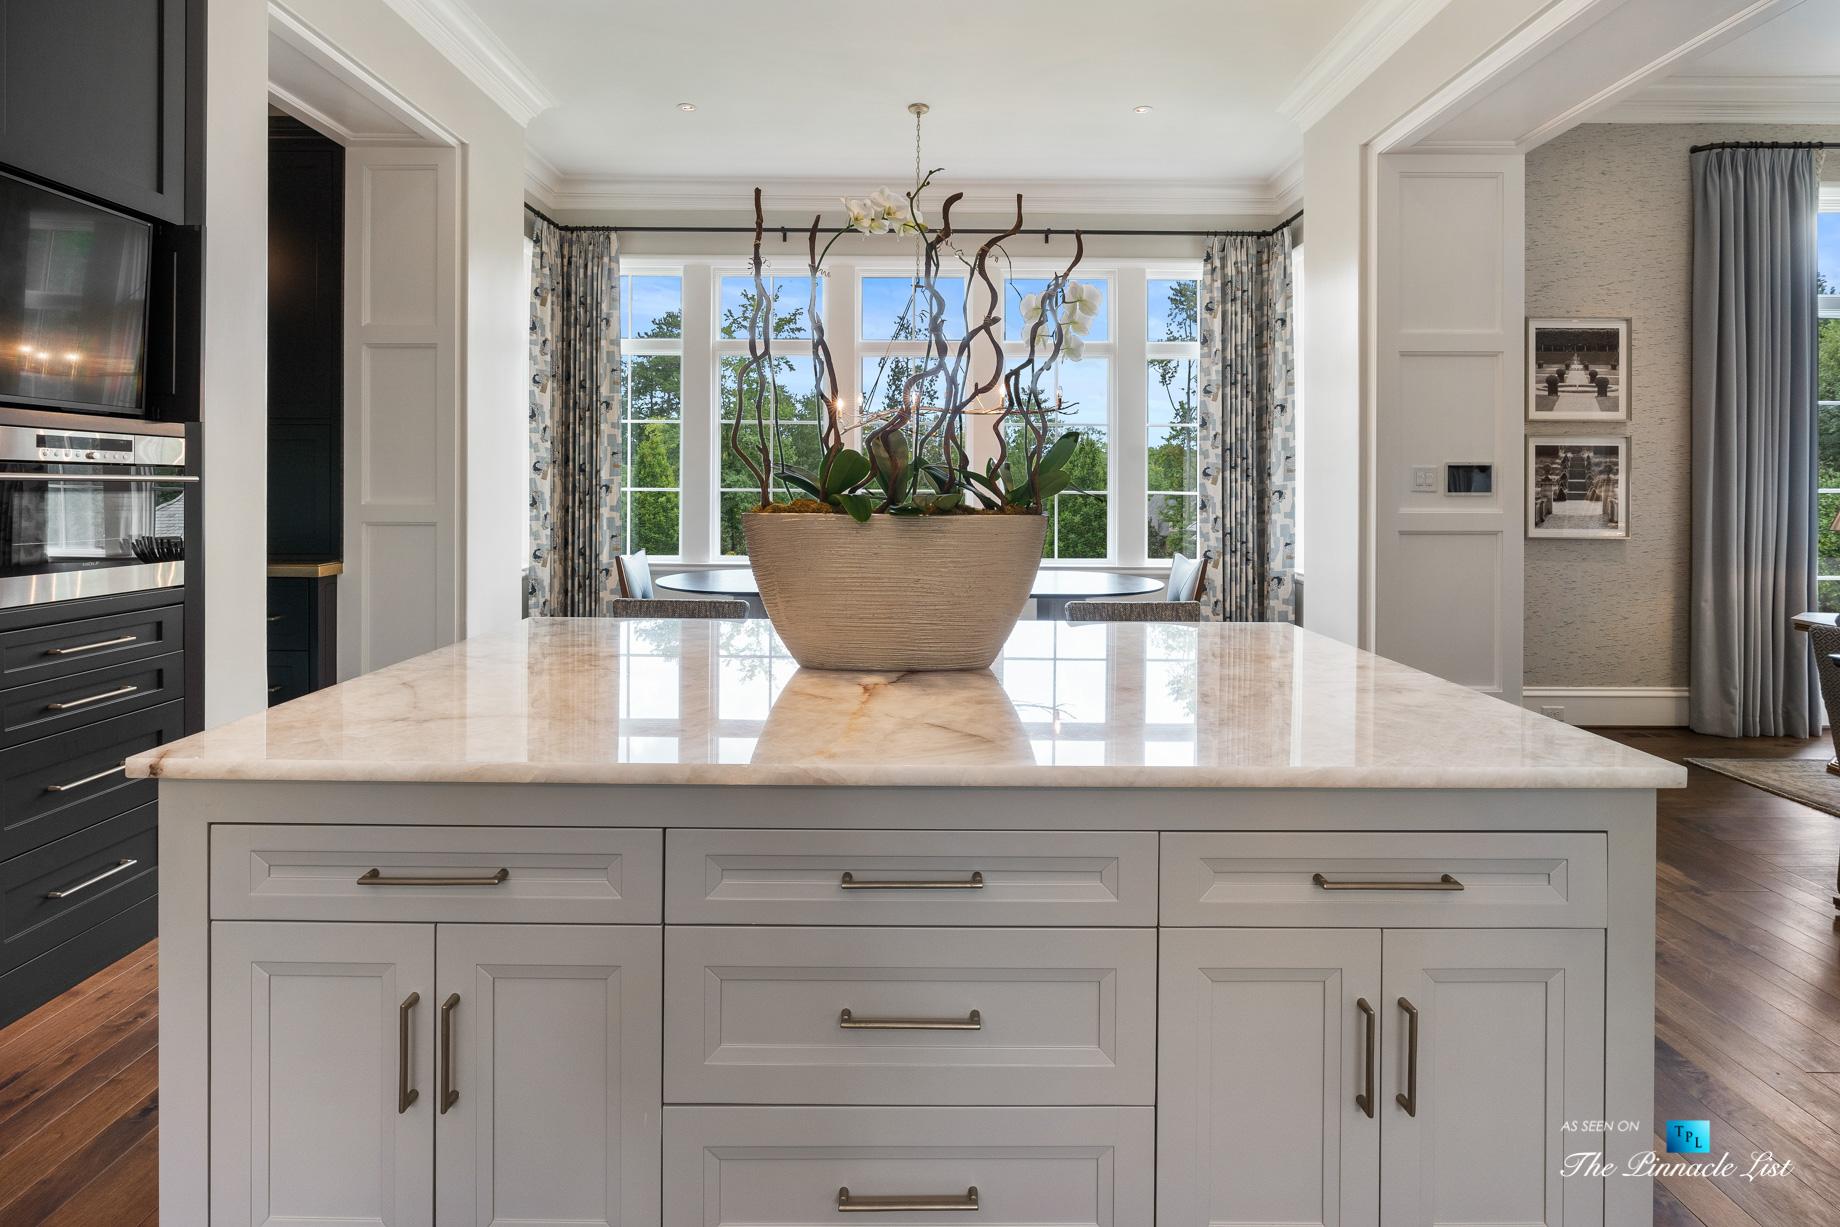 1150 W Garmon Rd, Atlanta, GA, USA - Kitchen Island View - Luxury Real Estate - Buckhead Estate Home